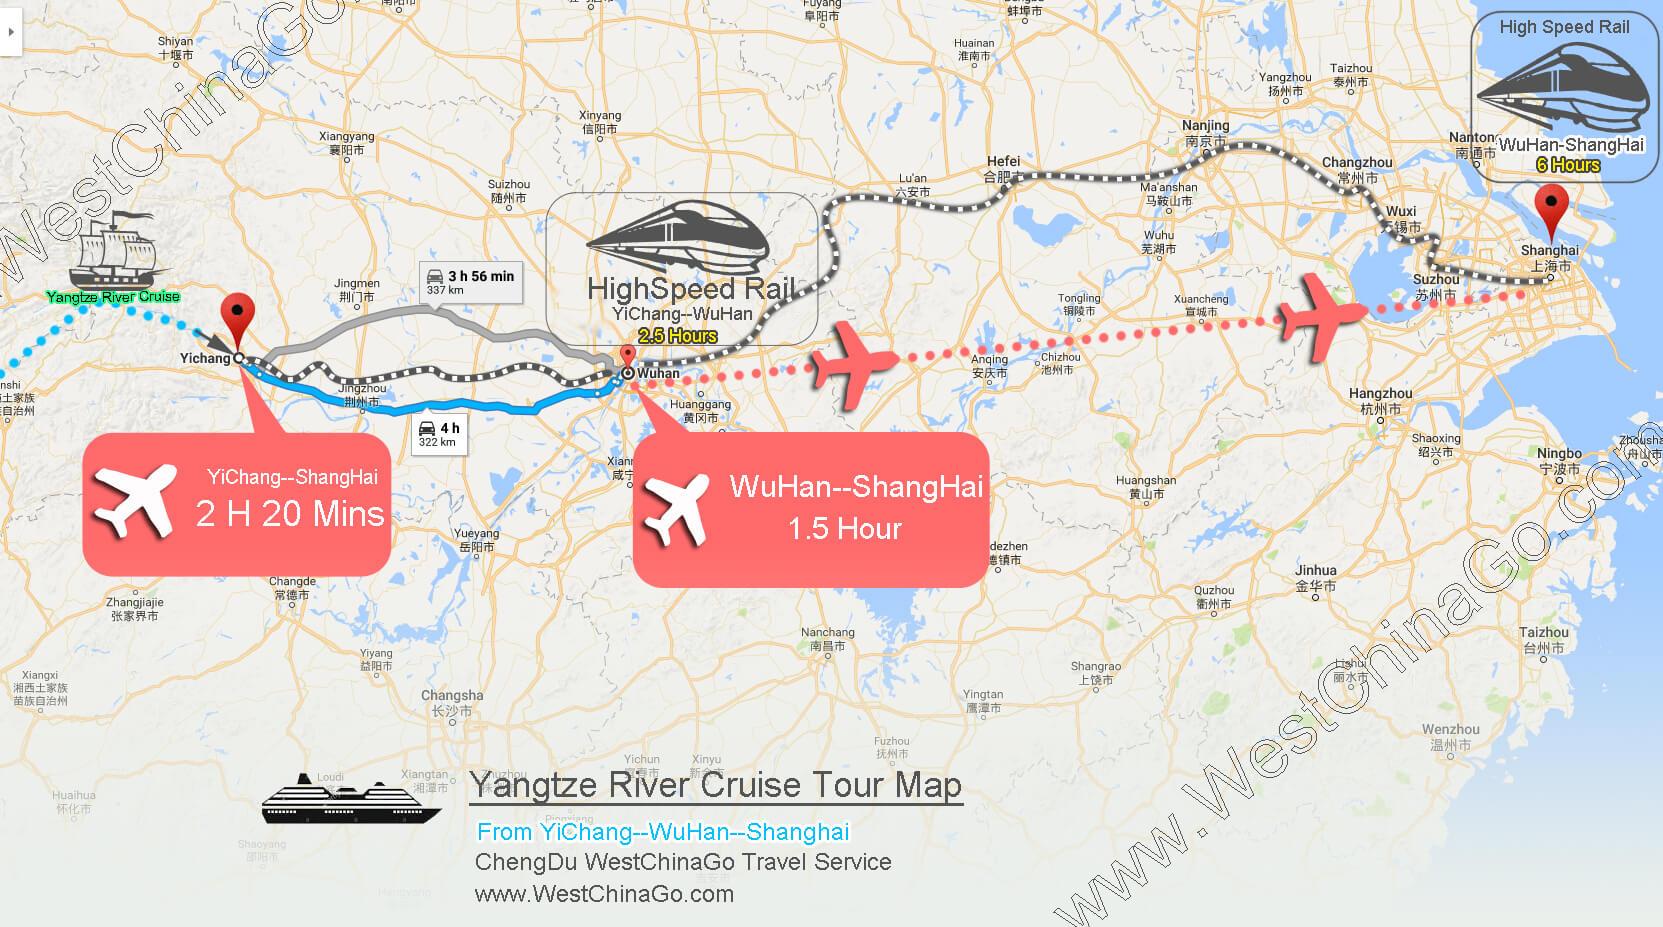 yangtze river cruise--yichang to shanghai,wuhan